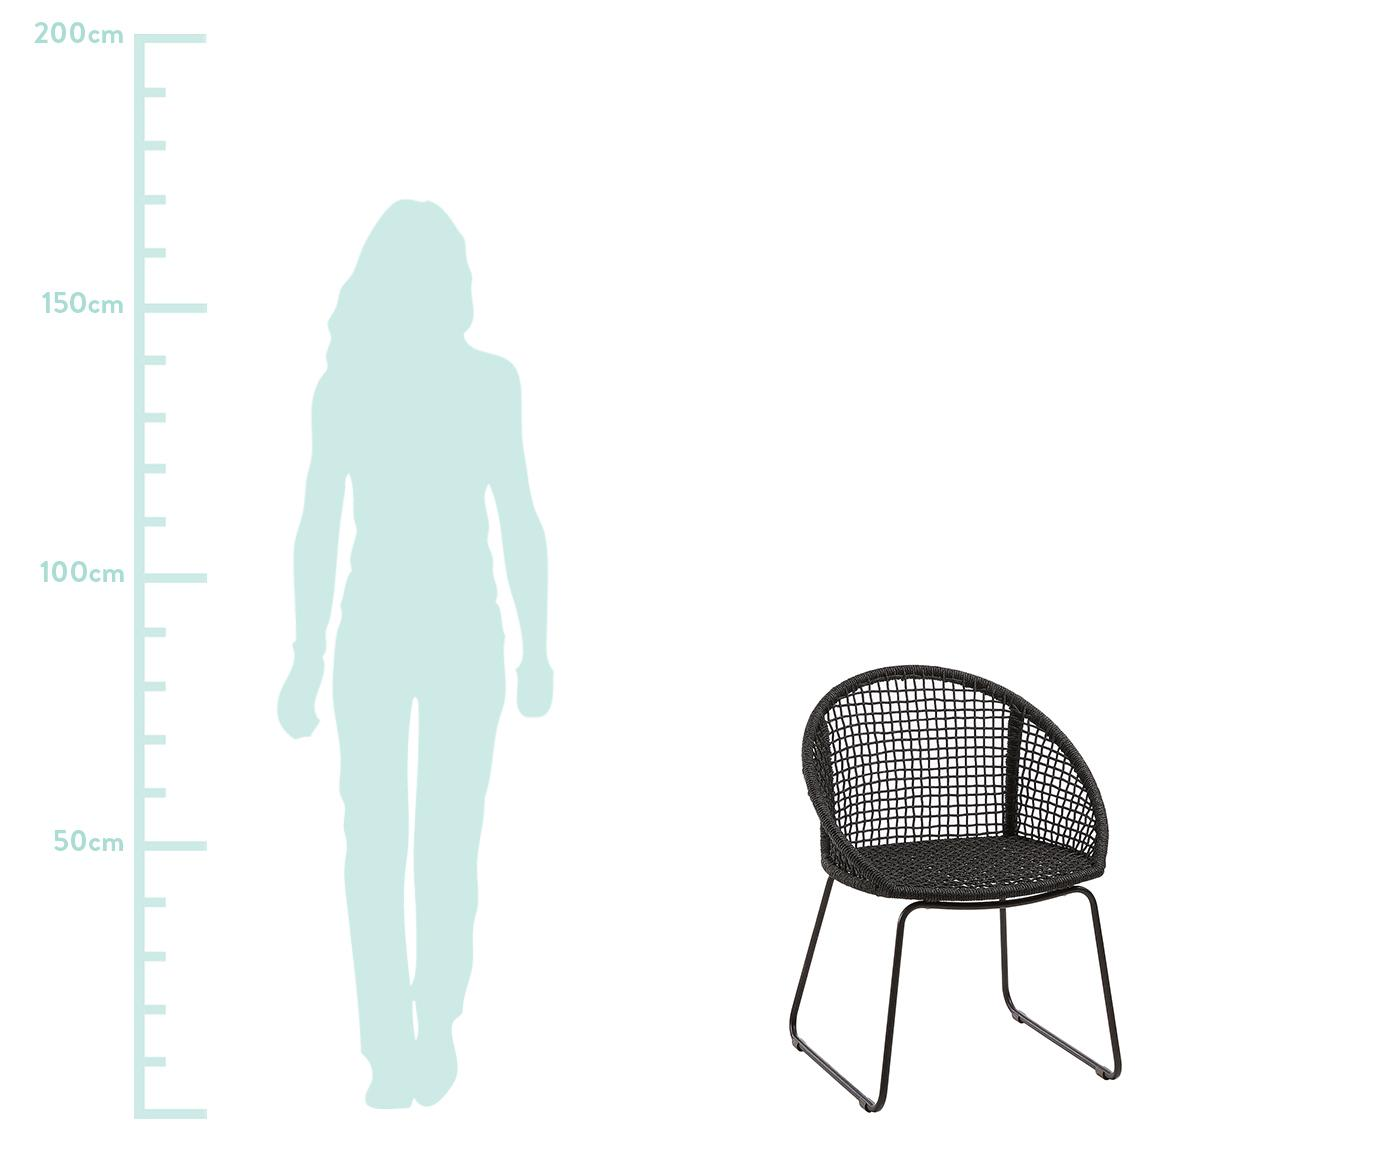 Krzesło ogrodowe  z podłokietnikami Sania, 2 szt., Nogi: metal malowany proszkowo, Ciemny szary, S 65 x G 58 cm